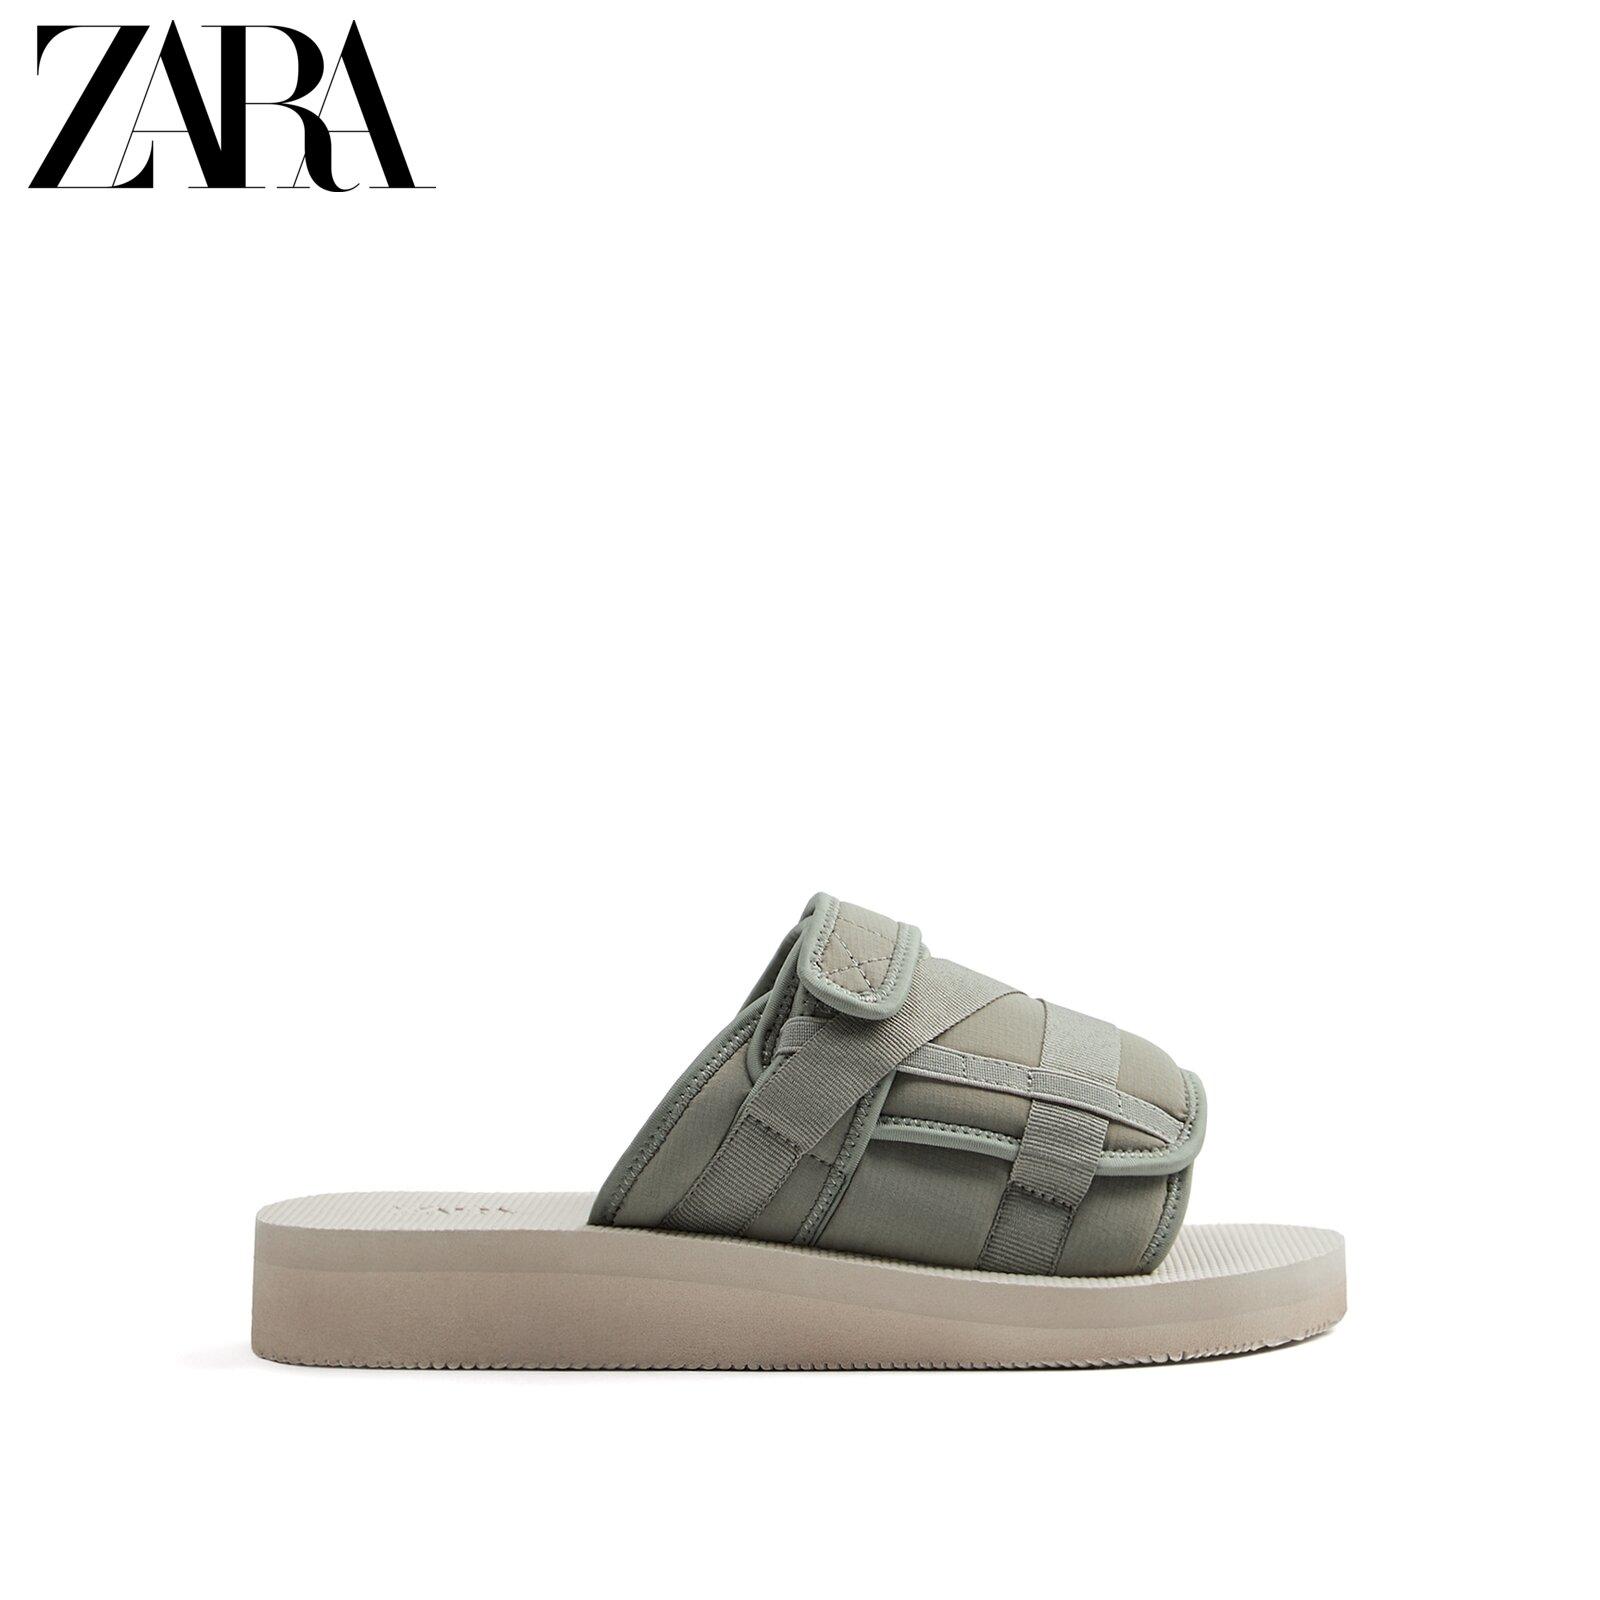 ZARA 12707820032 男款休闲凉鞋